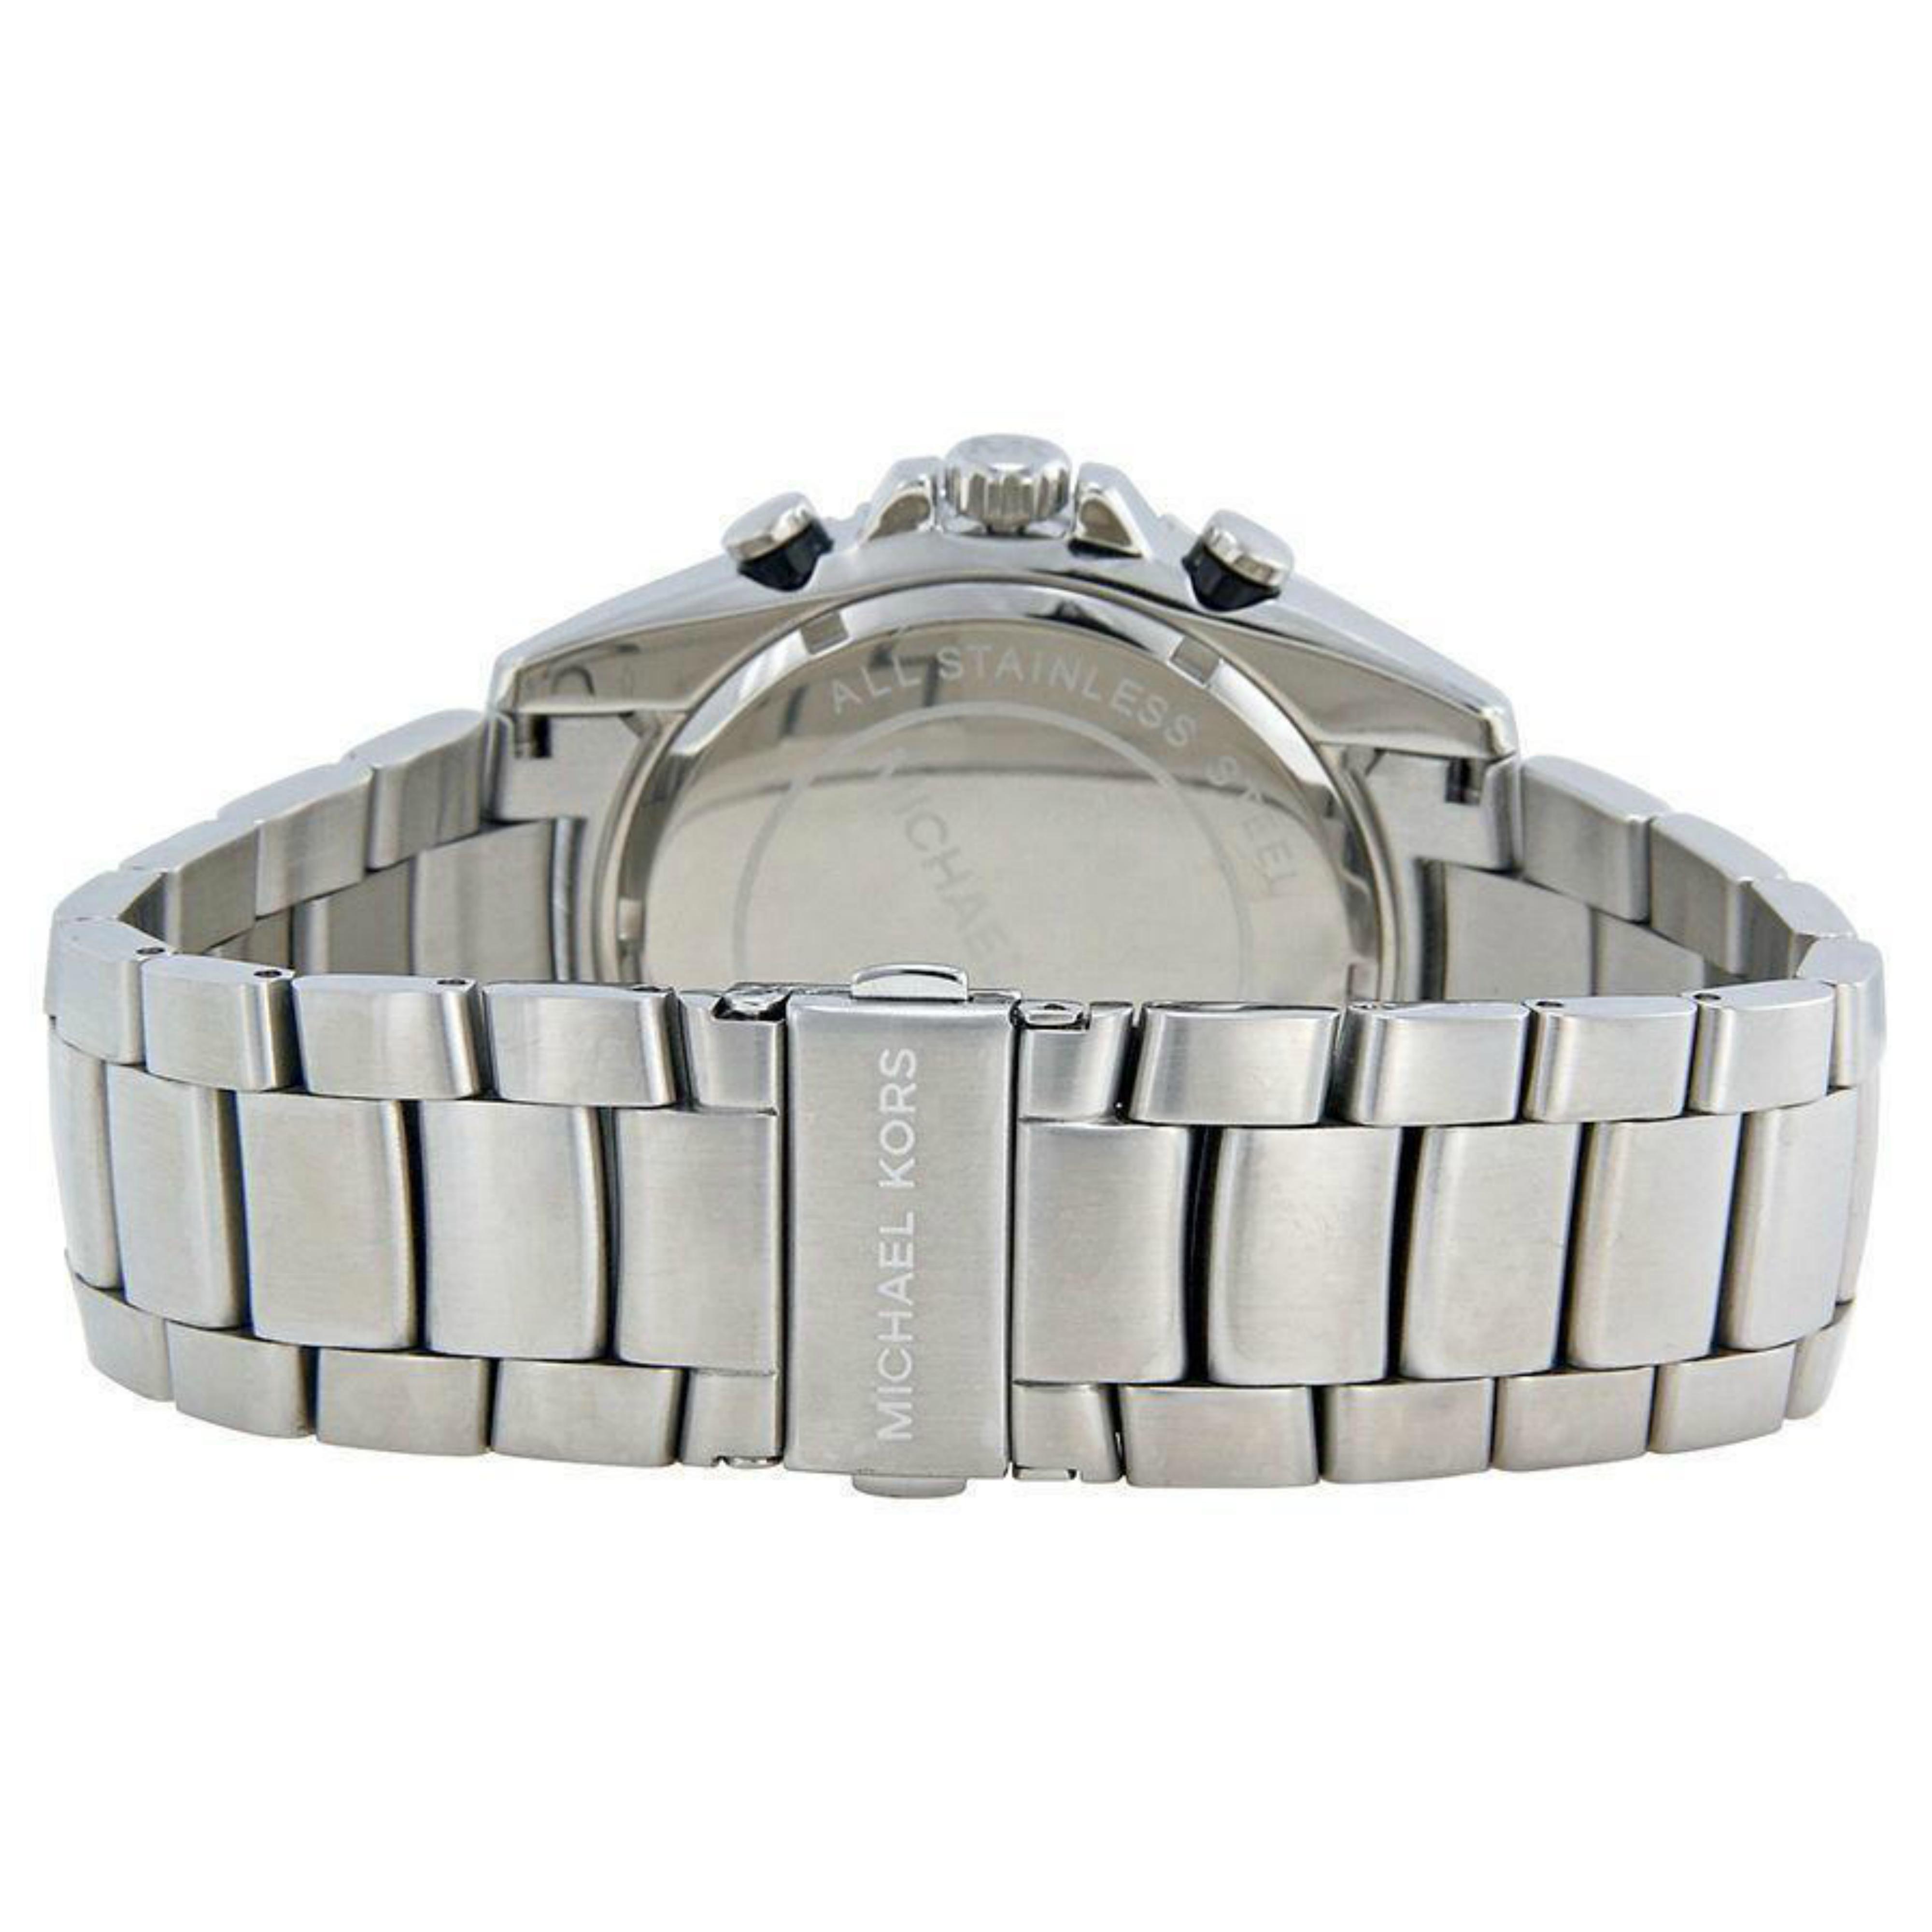 f12a8a74d717 Michael Kors Bradshaw Logo Dial Chronograph Designer Silver Men s Watch  MK8339 Thumbnail 5